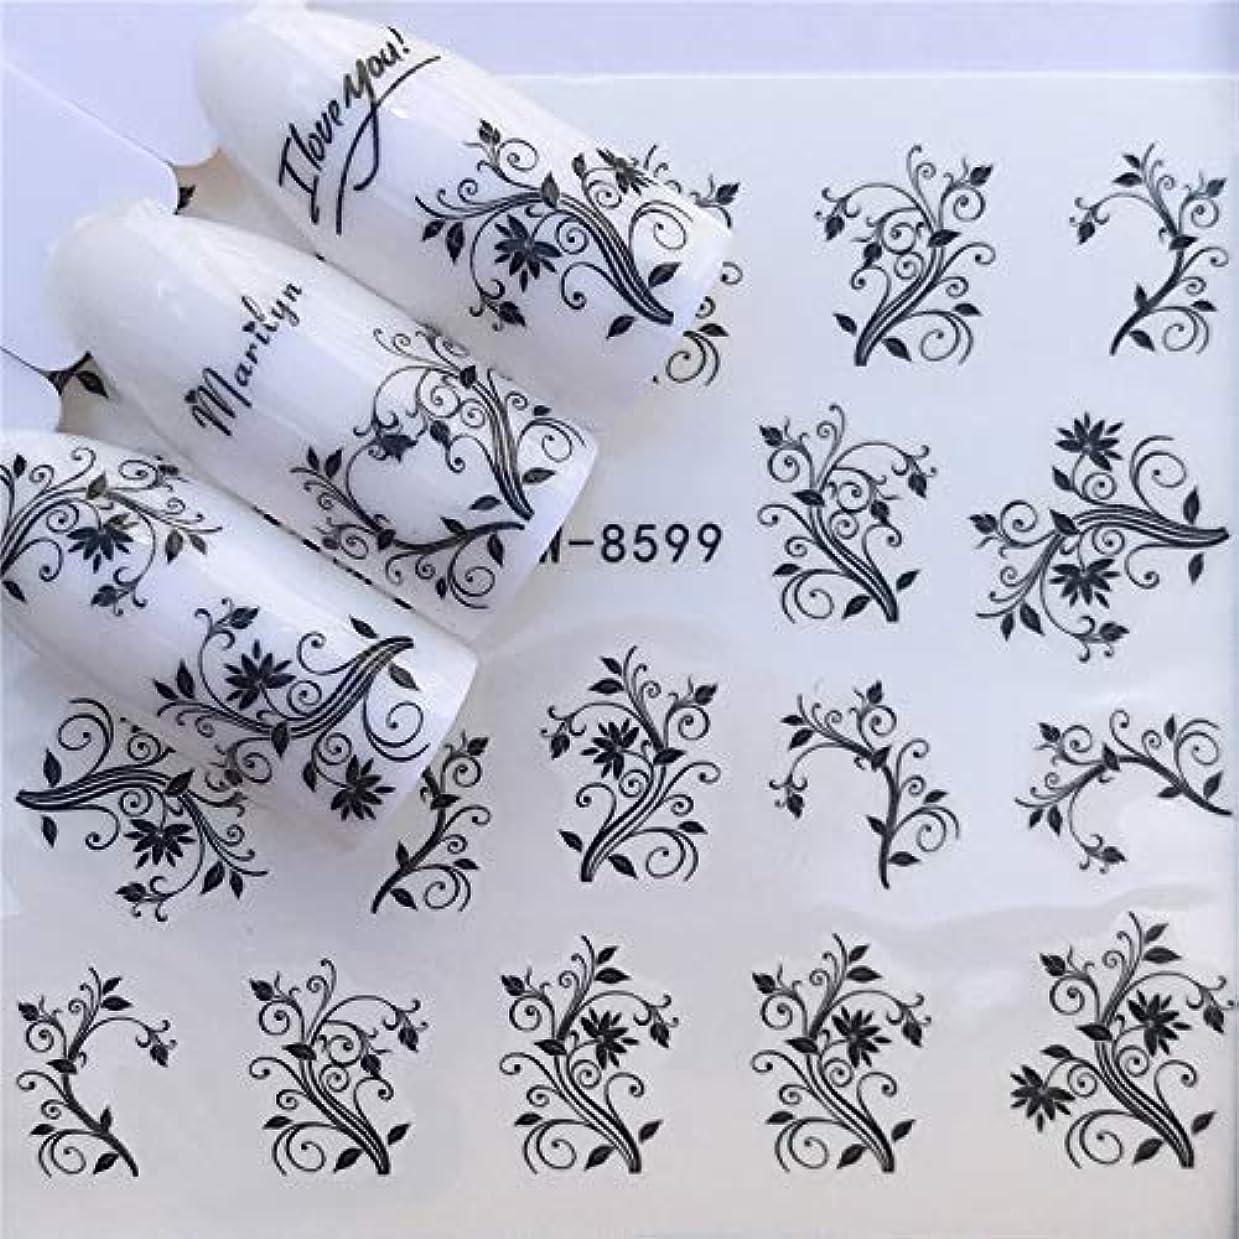 指紋殺します定期的にYan 3ピースネイルステッカーセットデカール水転写スライダーネイルアートデコレーション、色:YZW 8599